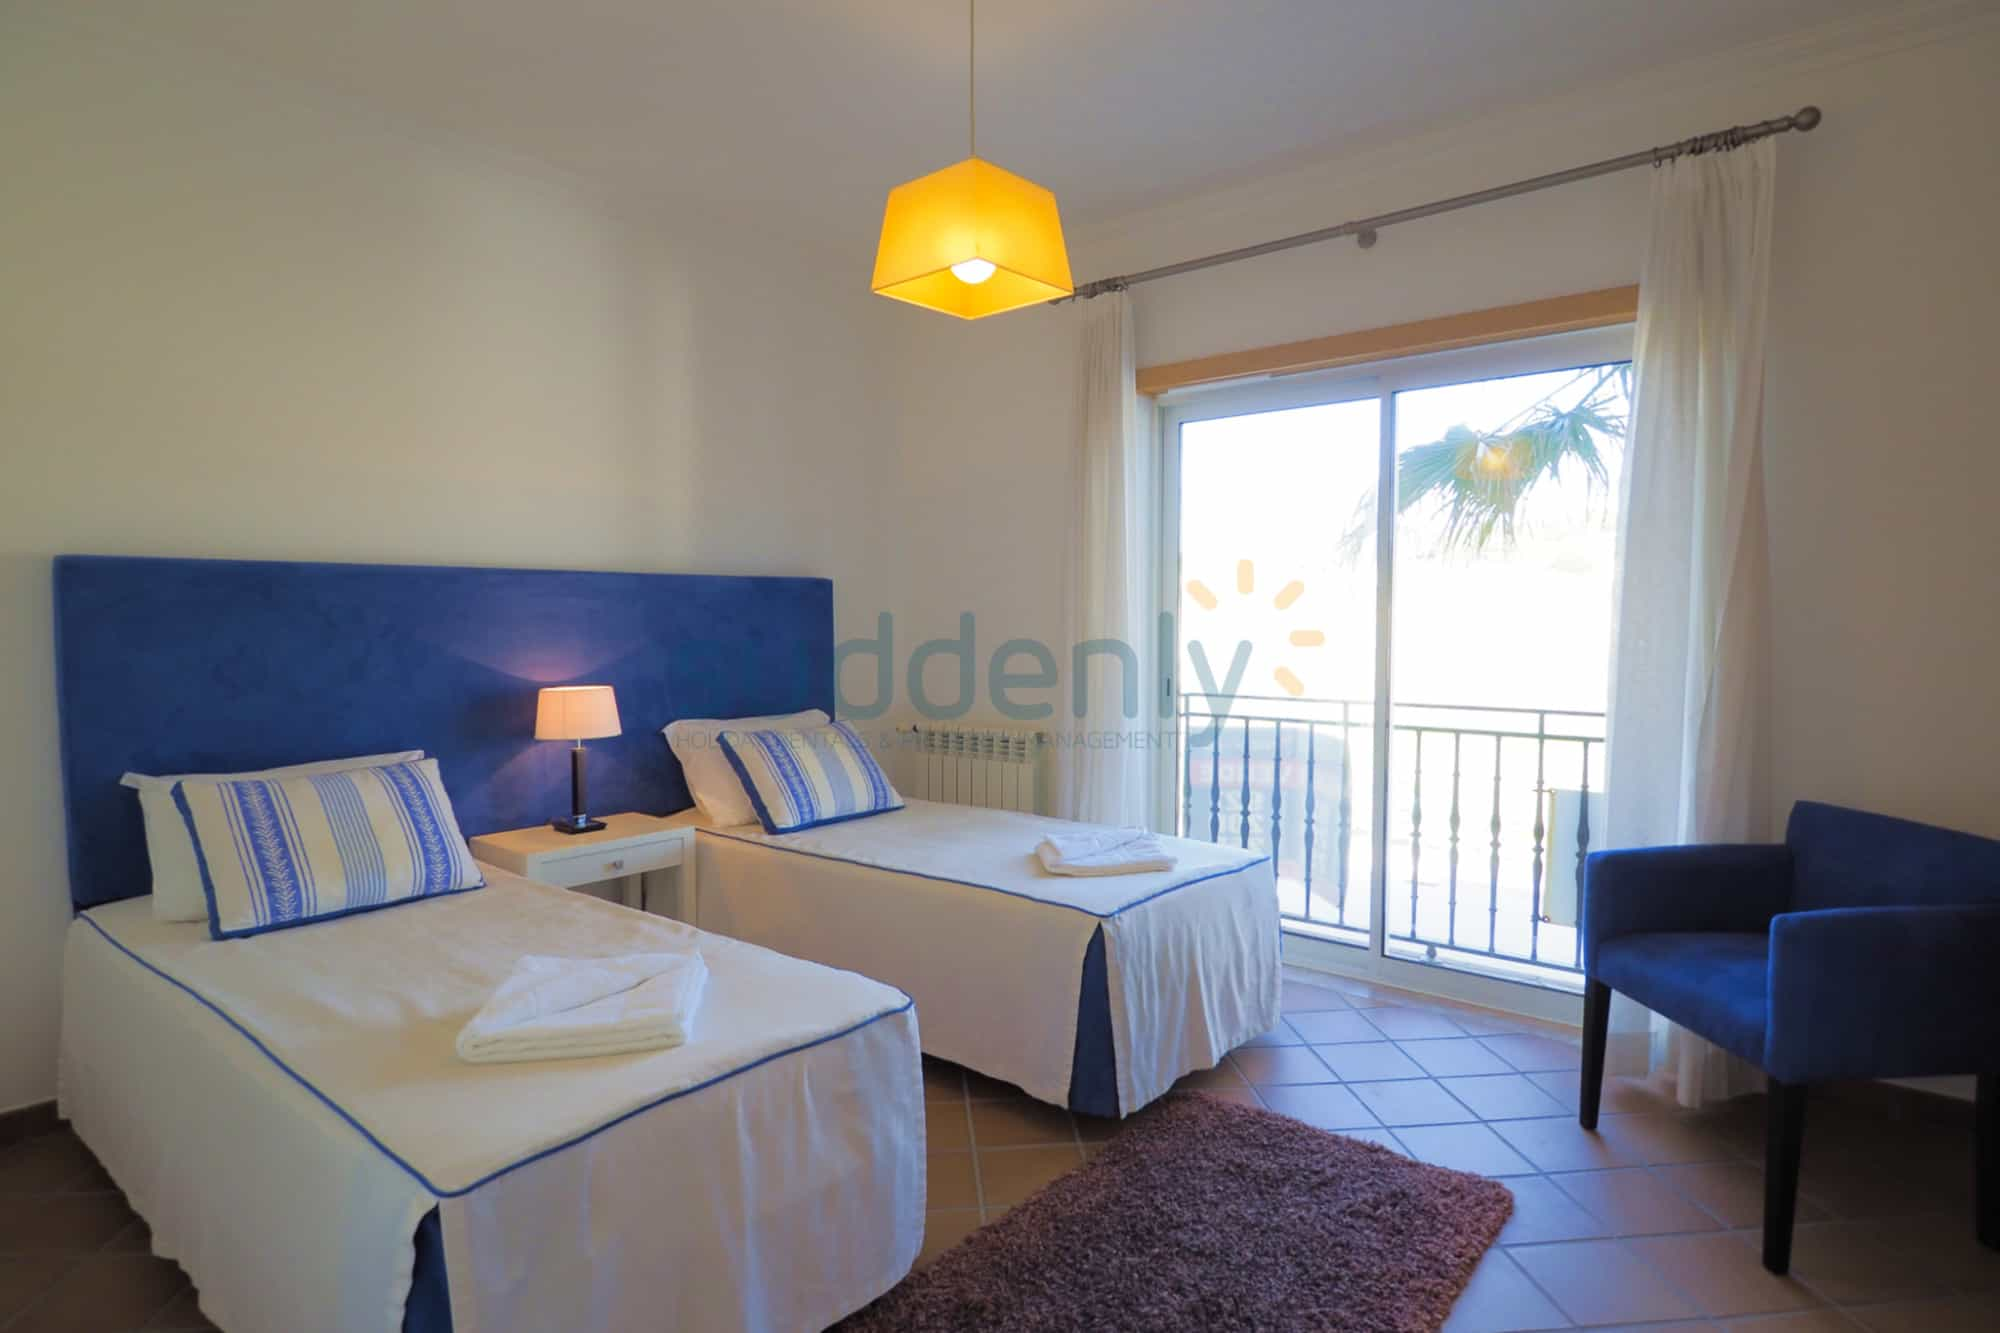 Holiday Rentals in Praia D'El Rey 225